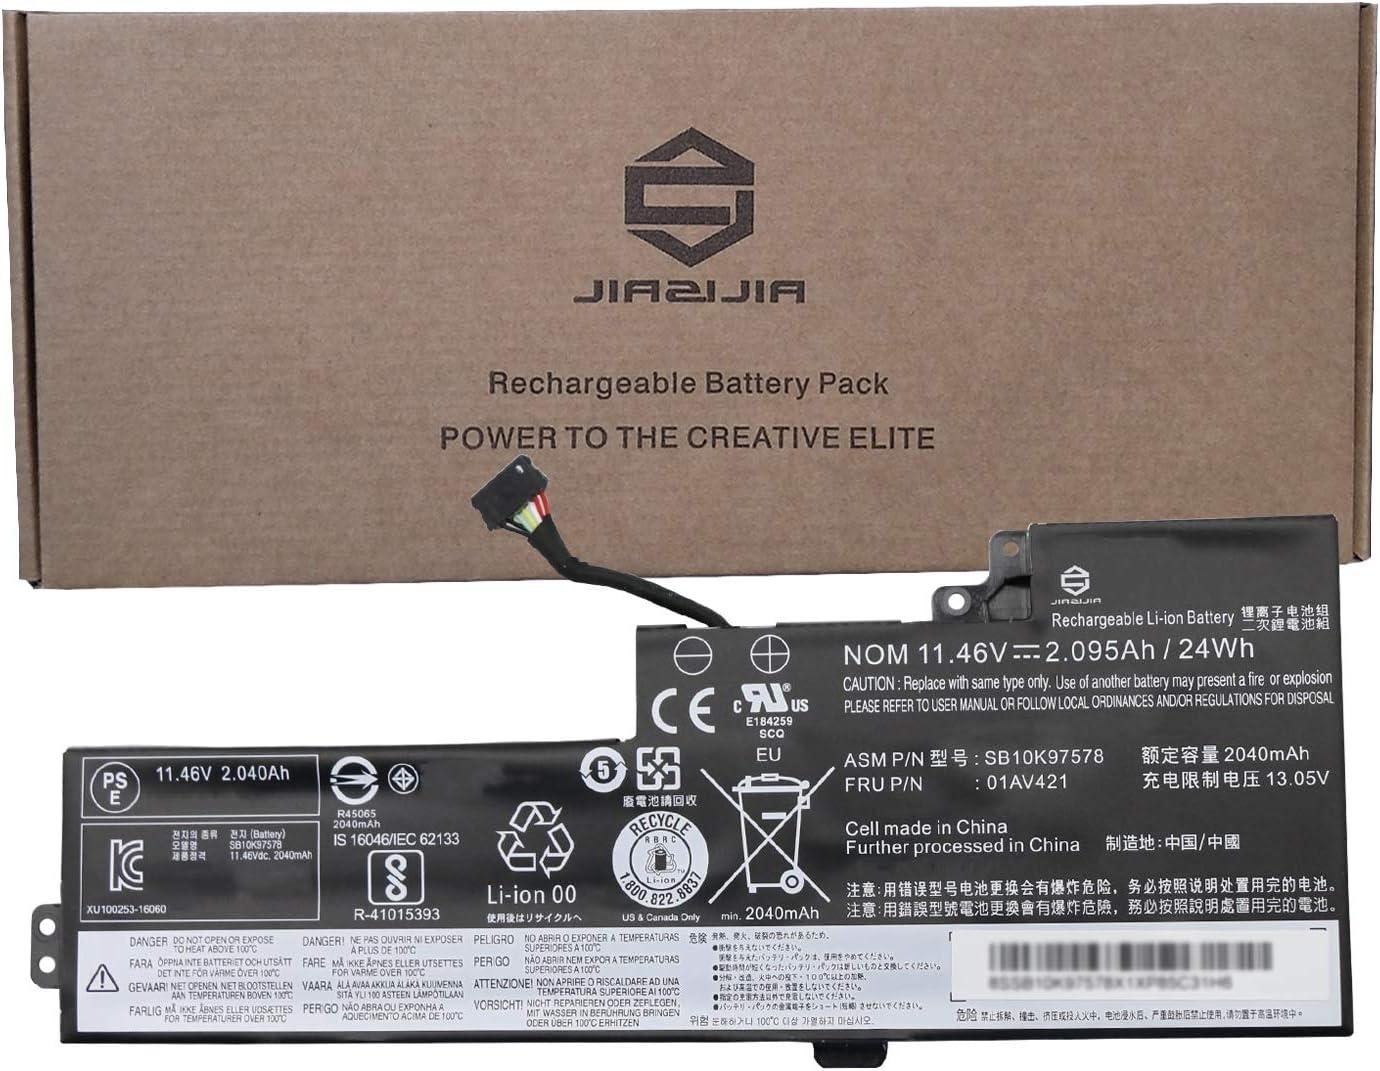 JIAZIJIA 01AV421 Laptop Battery Compatible with Lenovo ThinkPad T470 A475 T480 A485 TP25 Series Notebook 01AV419 01AV420 01AV489 SB10K97576 SB10K97577 SB10K97578 Black 11.46V 24Wh 2095mAh 3-Cell